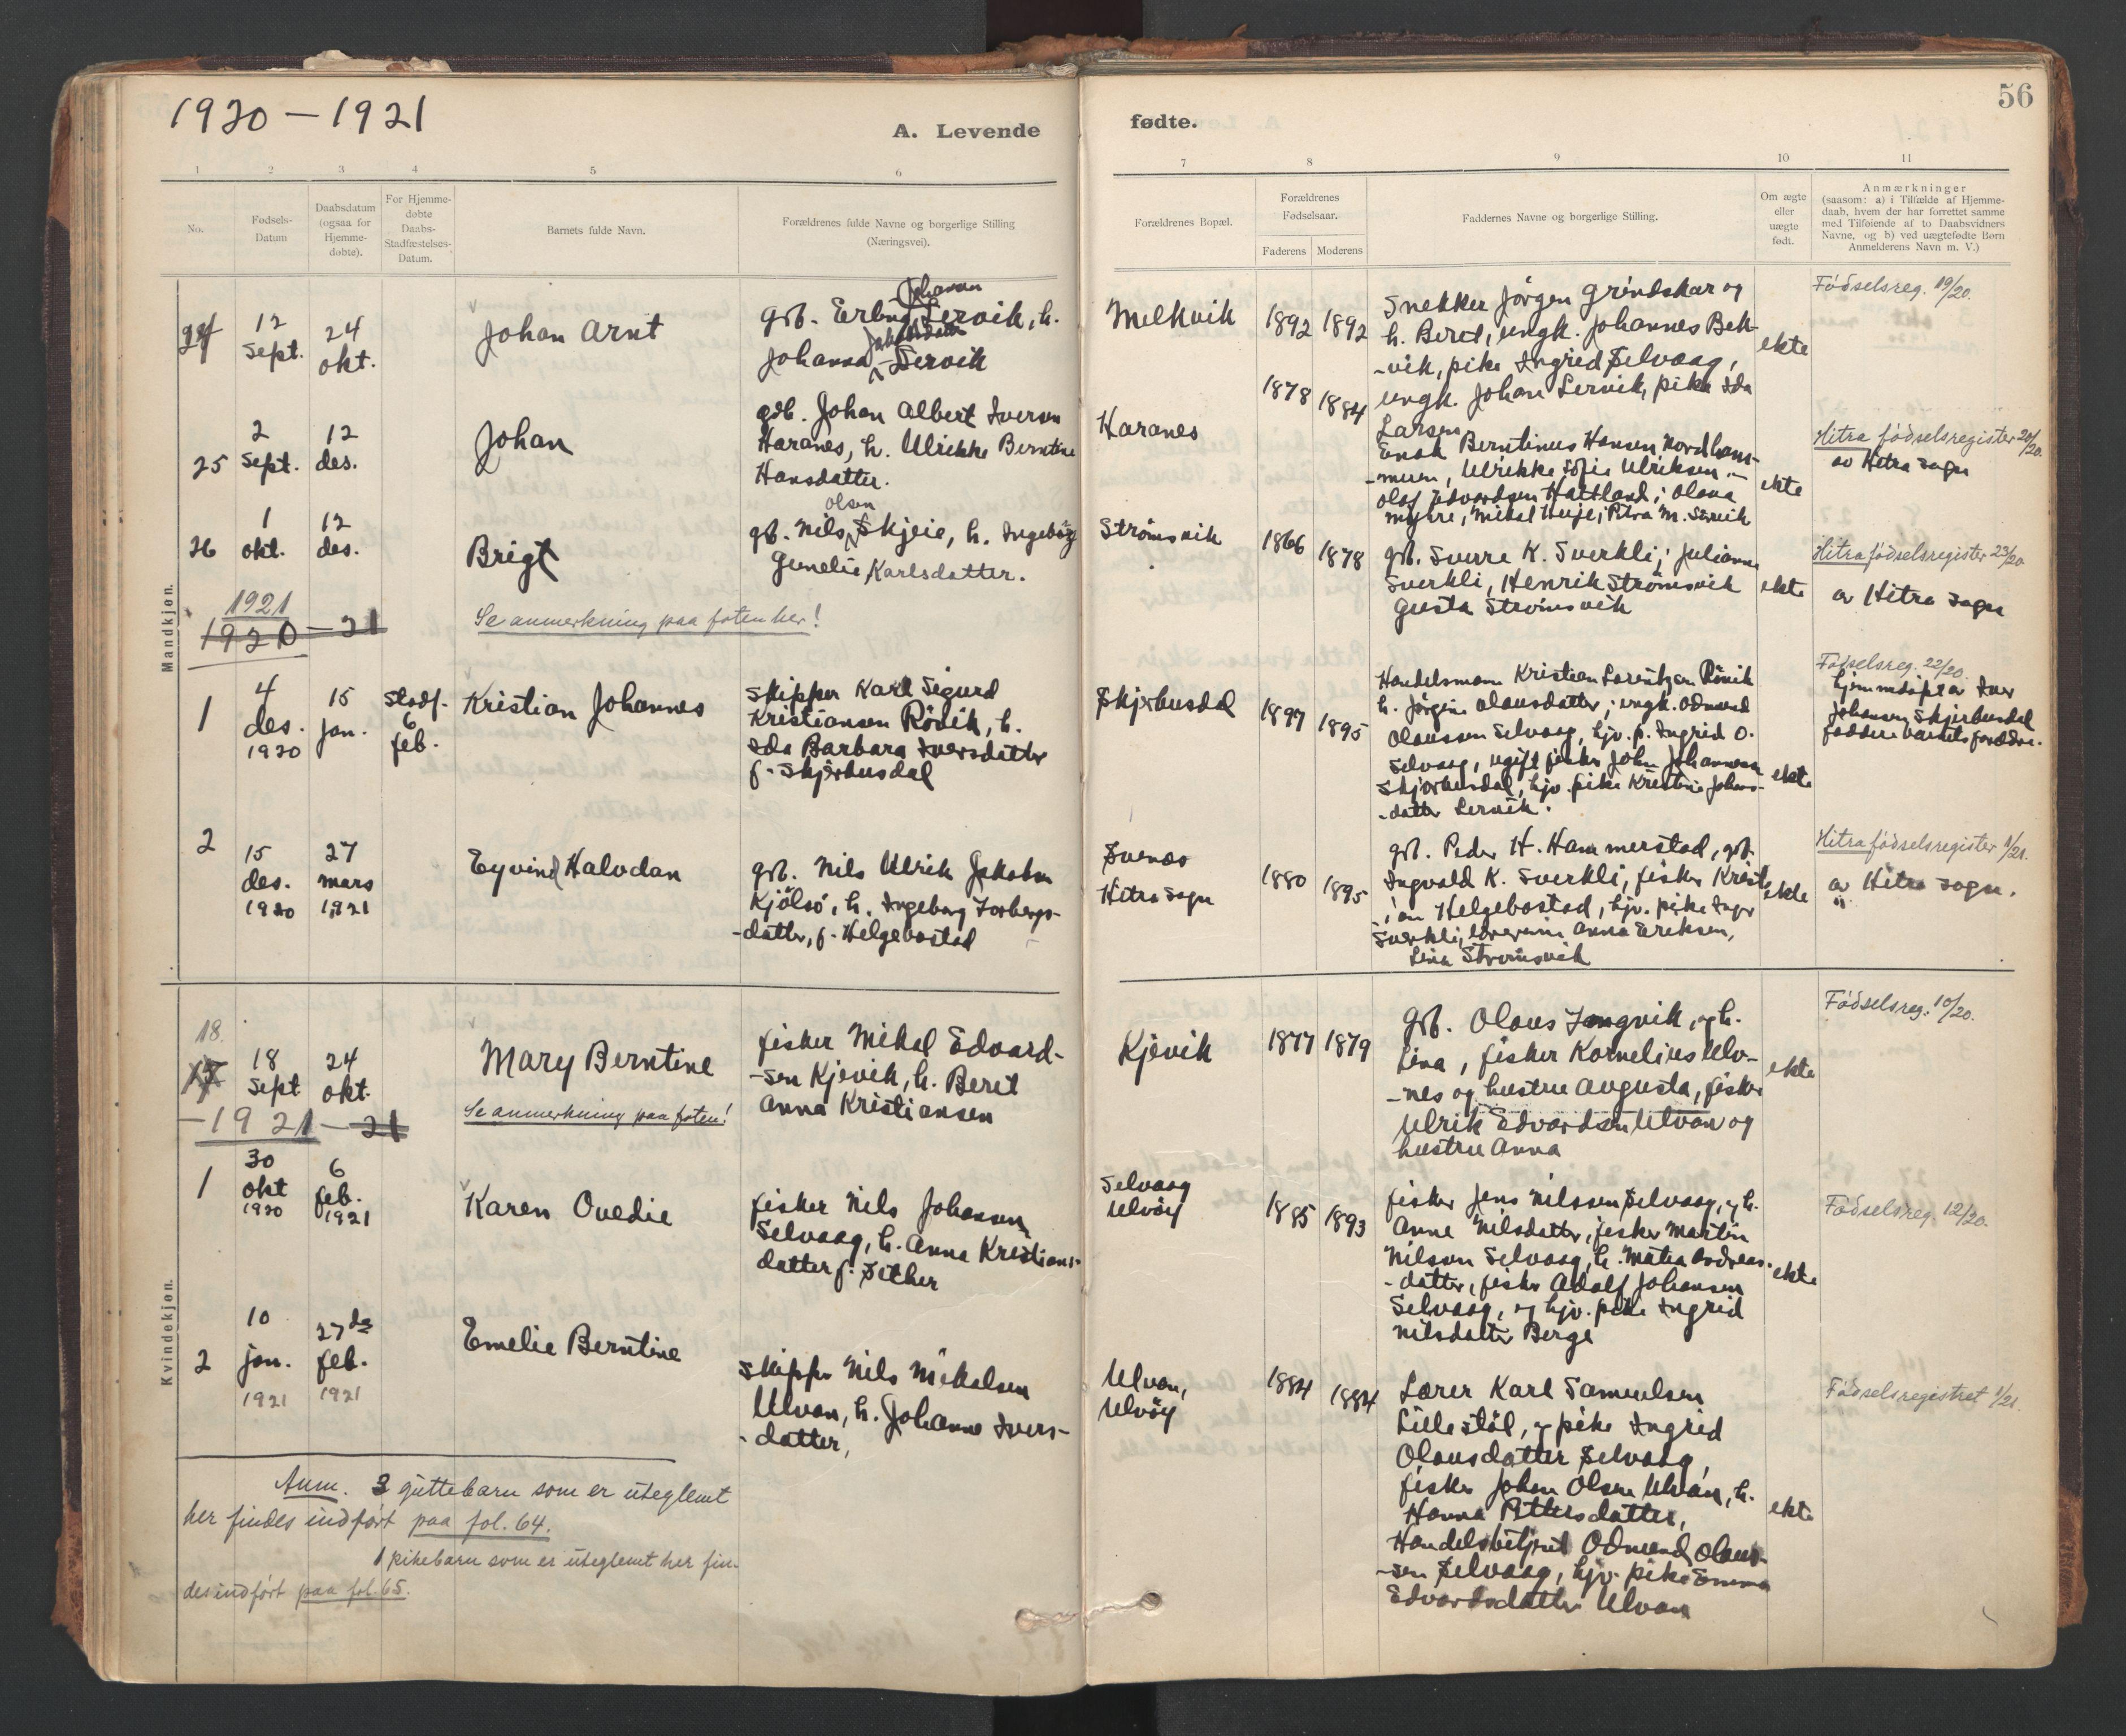 SAT, Ministerialprotokoller, klokkerbøker og fødselsregistre - Sør-Trøndelag, 637/L0559: Ministerialbok nr. 637A02, 1899-1923, s. 56